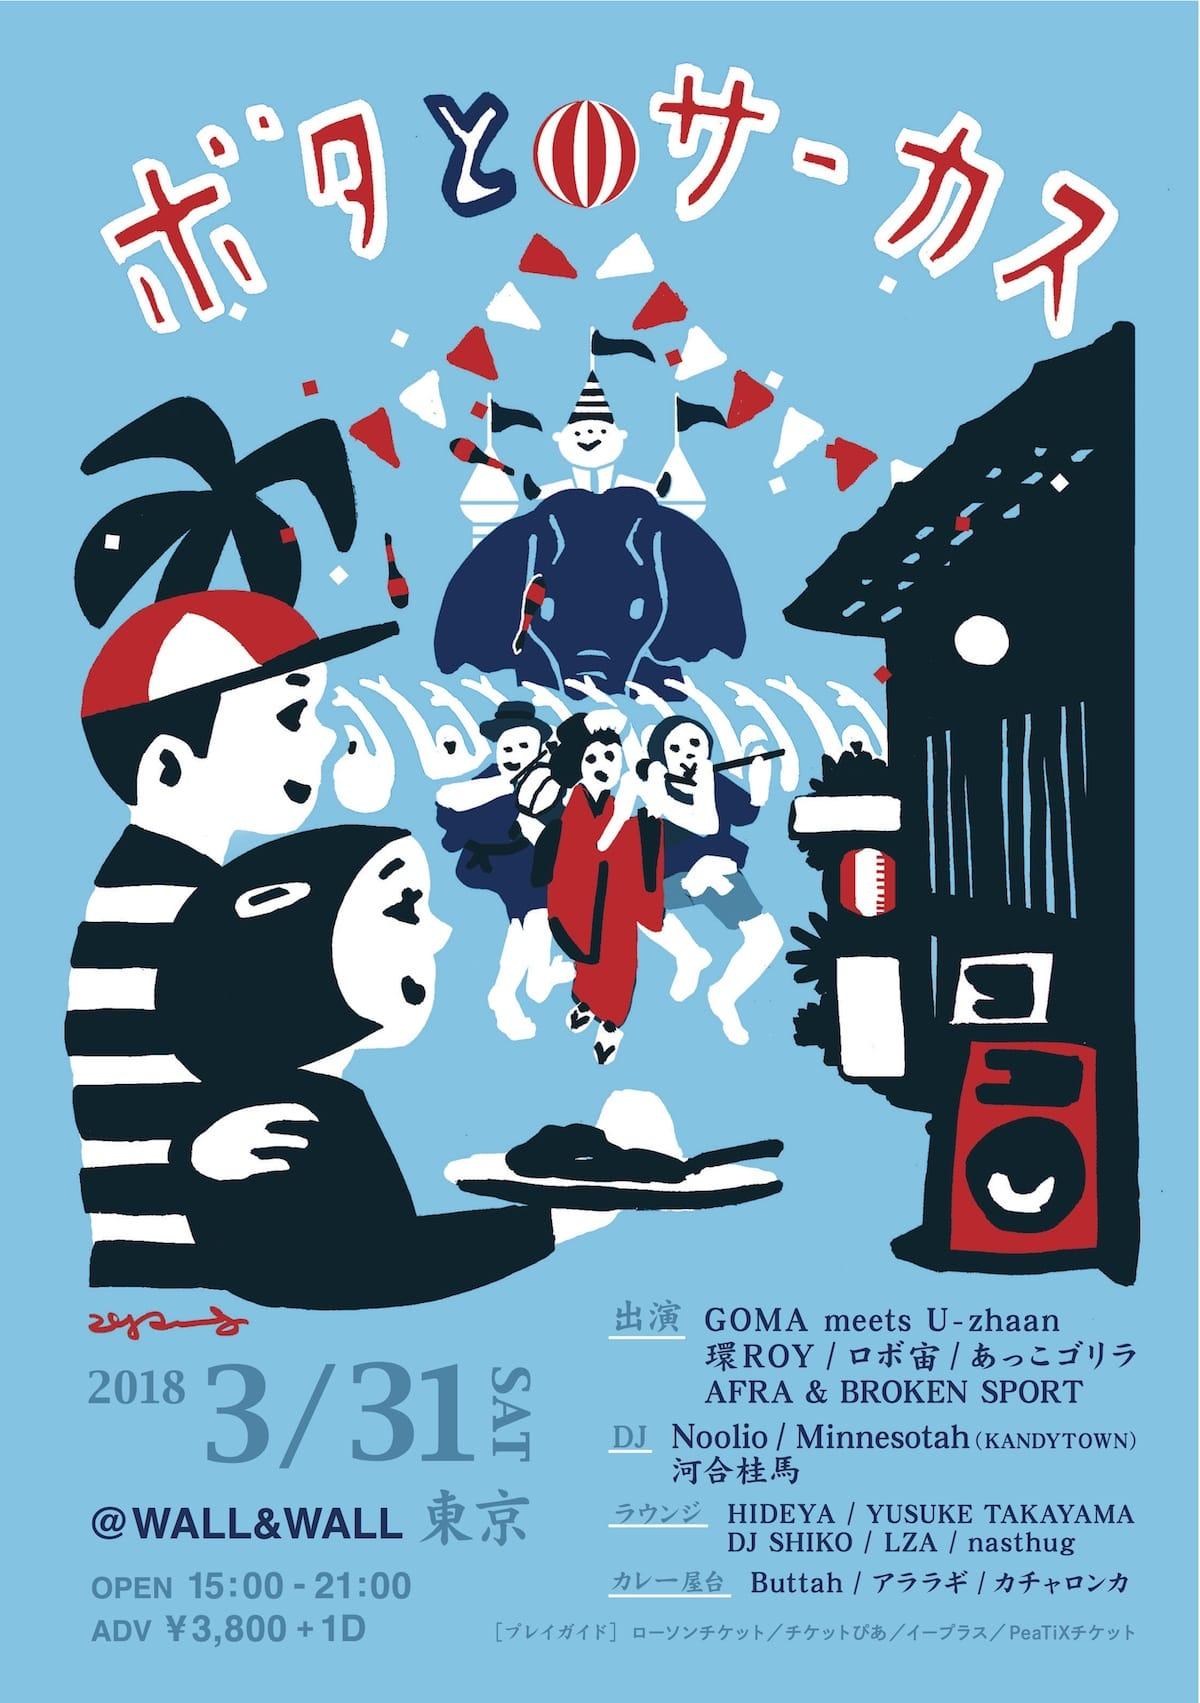 音楽×カレーの異色コラボフェス<ボタとサーカス>東京&大阪で開催!環ROY、あっこゴリラら出演! music180326_botatocircus_1-1200x1703